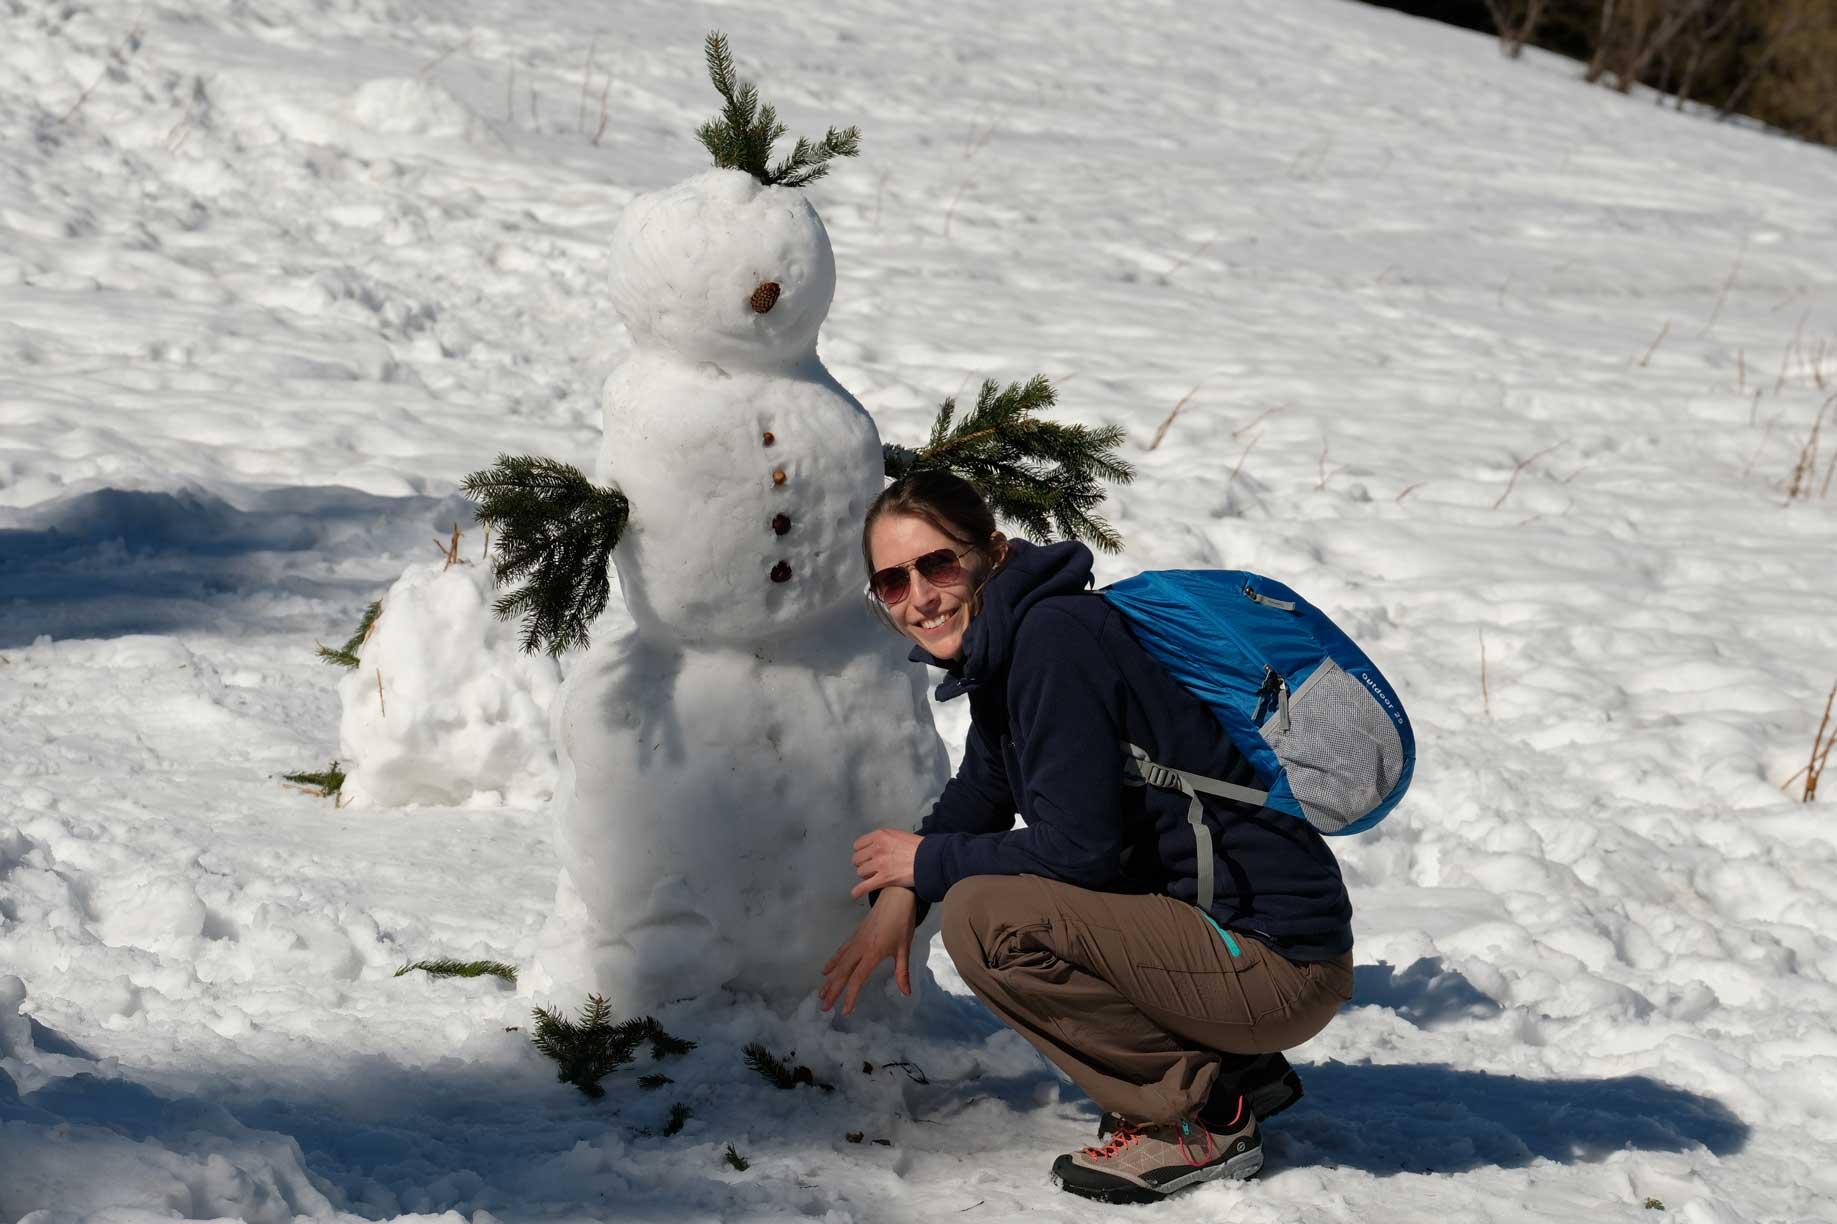 Leo in der Hocke vor einem Schneemann